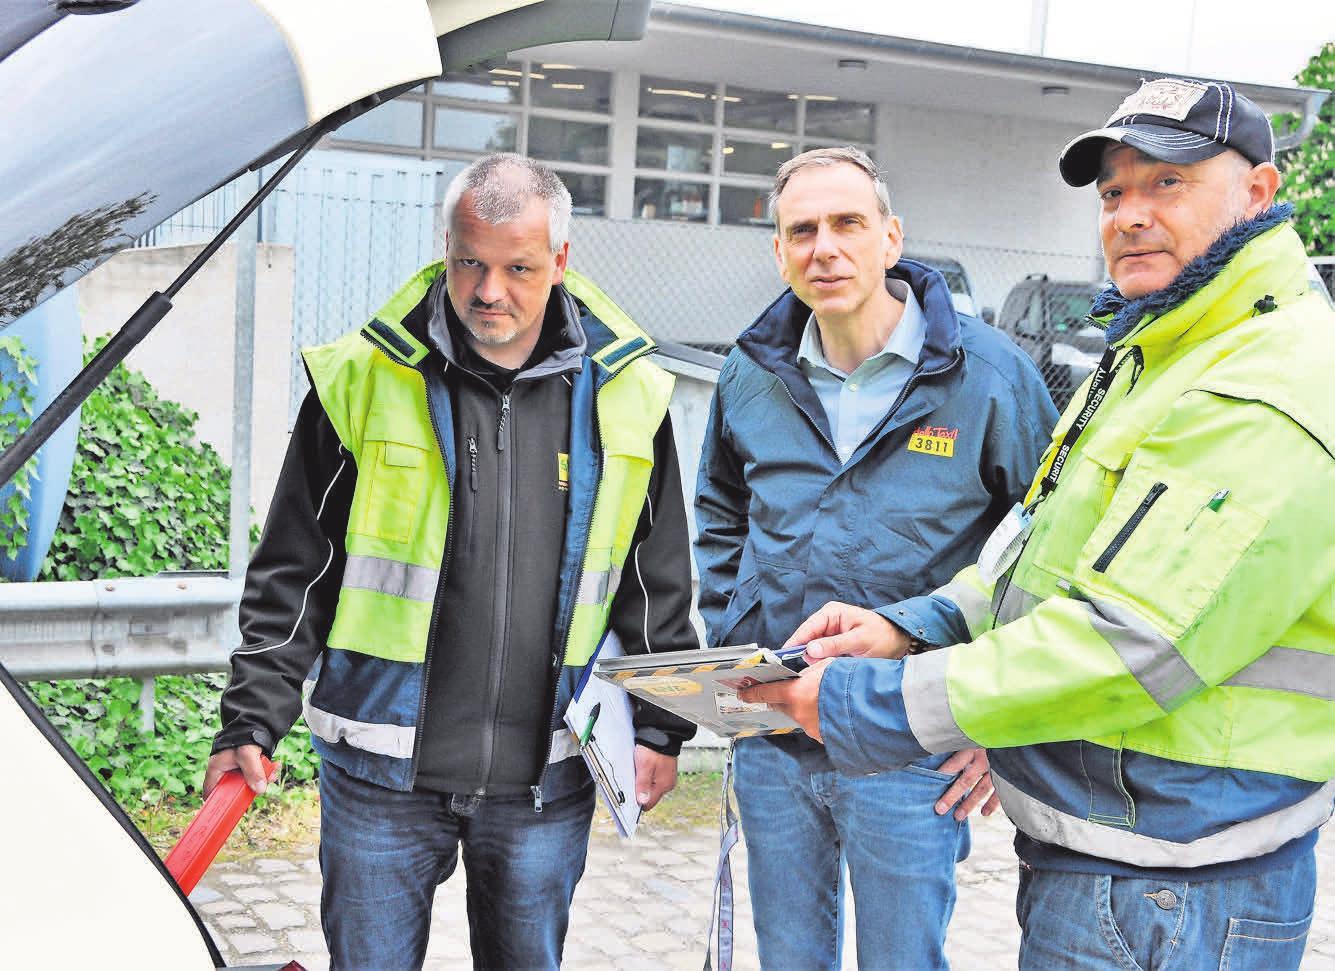 Geschäftsführer Sven-Marcus Fürst (Mitte) freut sich über die Beteiligung von Vertretern der Berufsgenossenschaften.